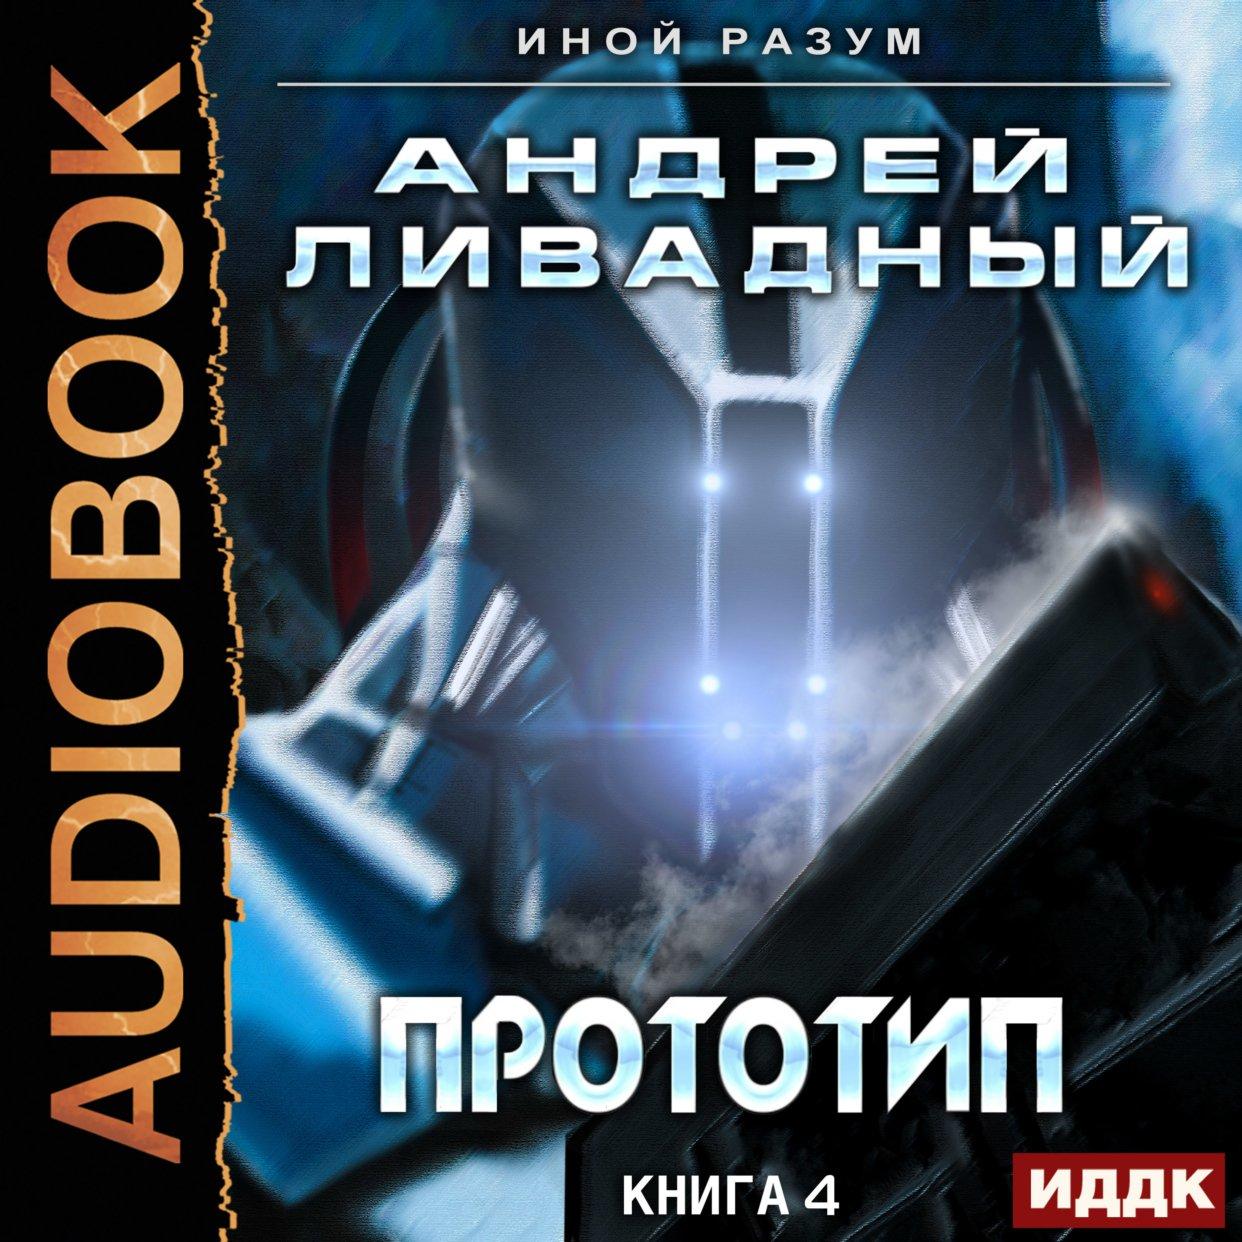 Иной разум. Книга 04. Прототип